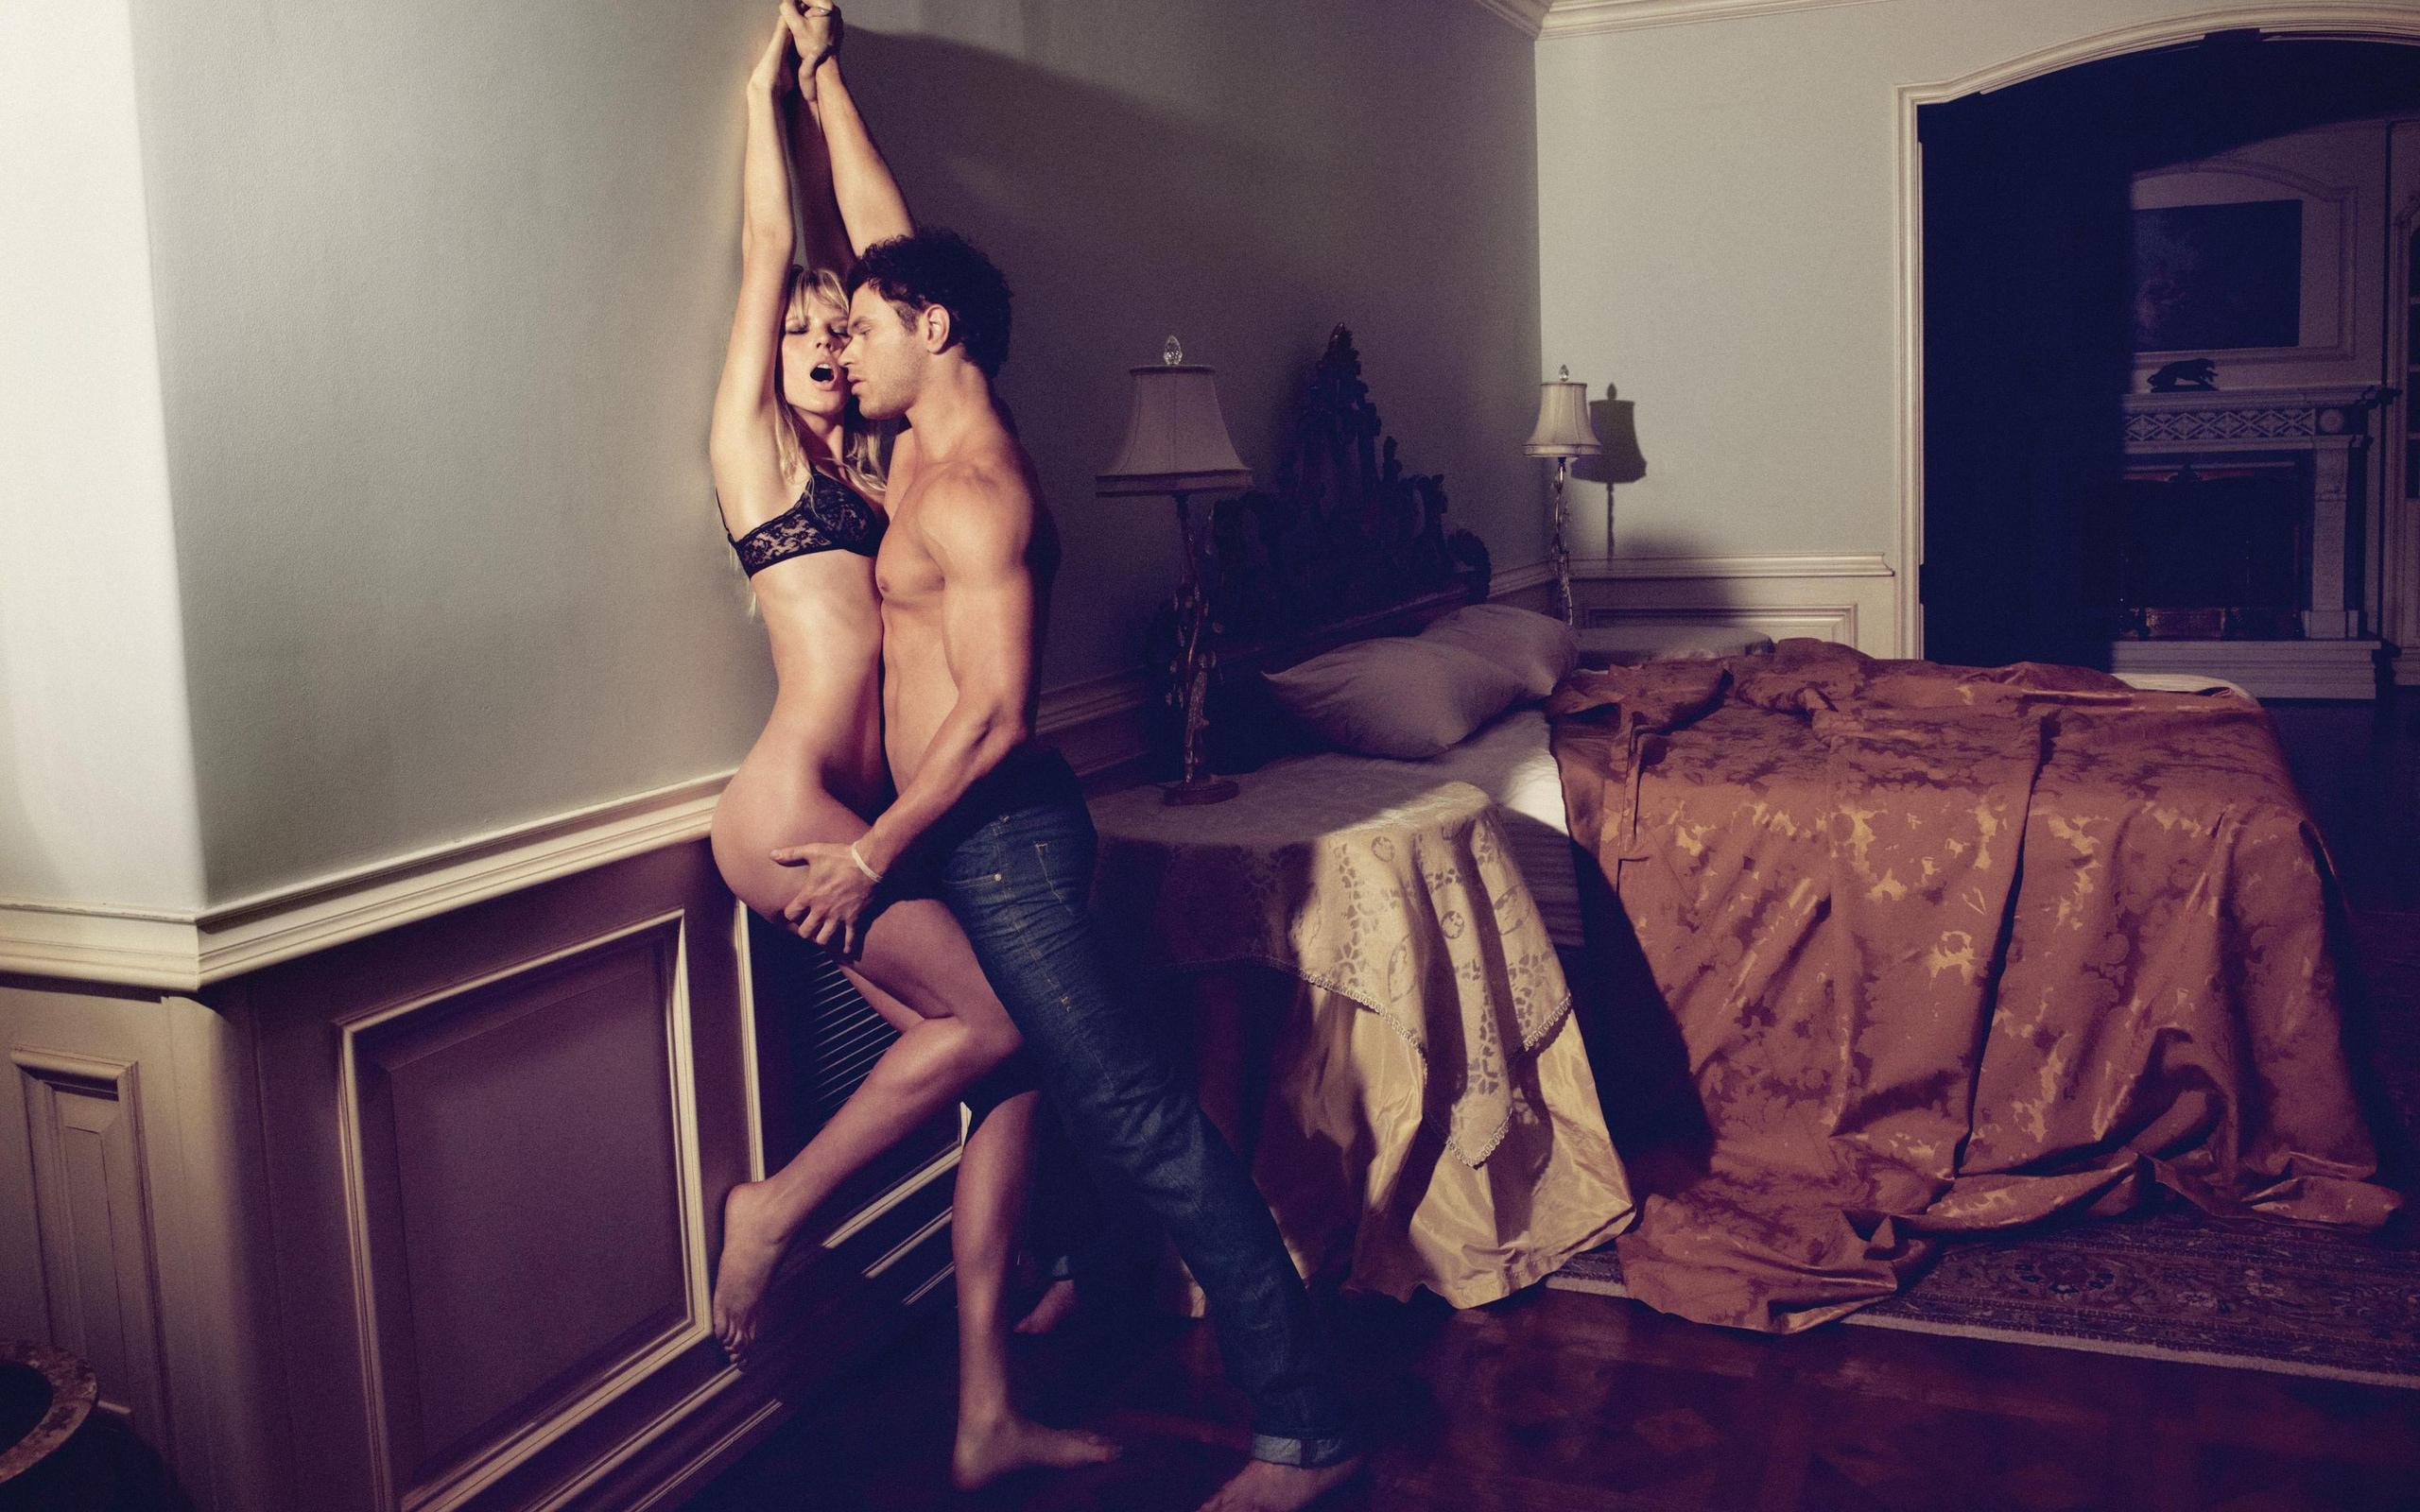 Секс парня и девушки в картинках 7 фотография